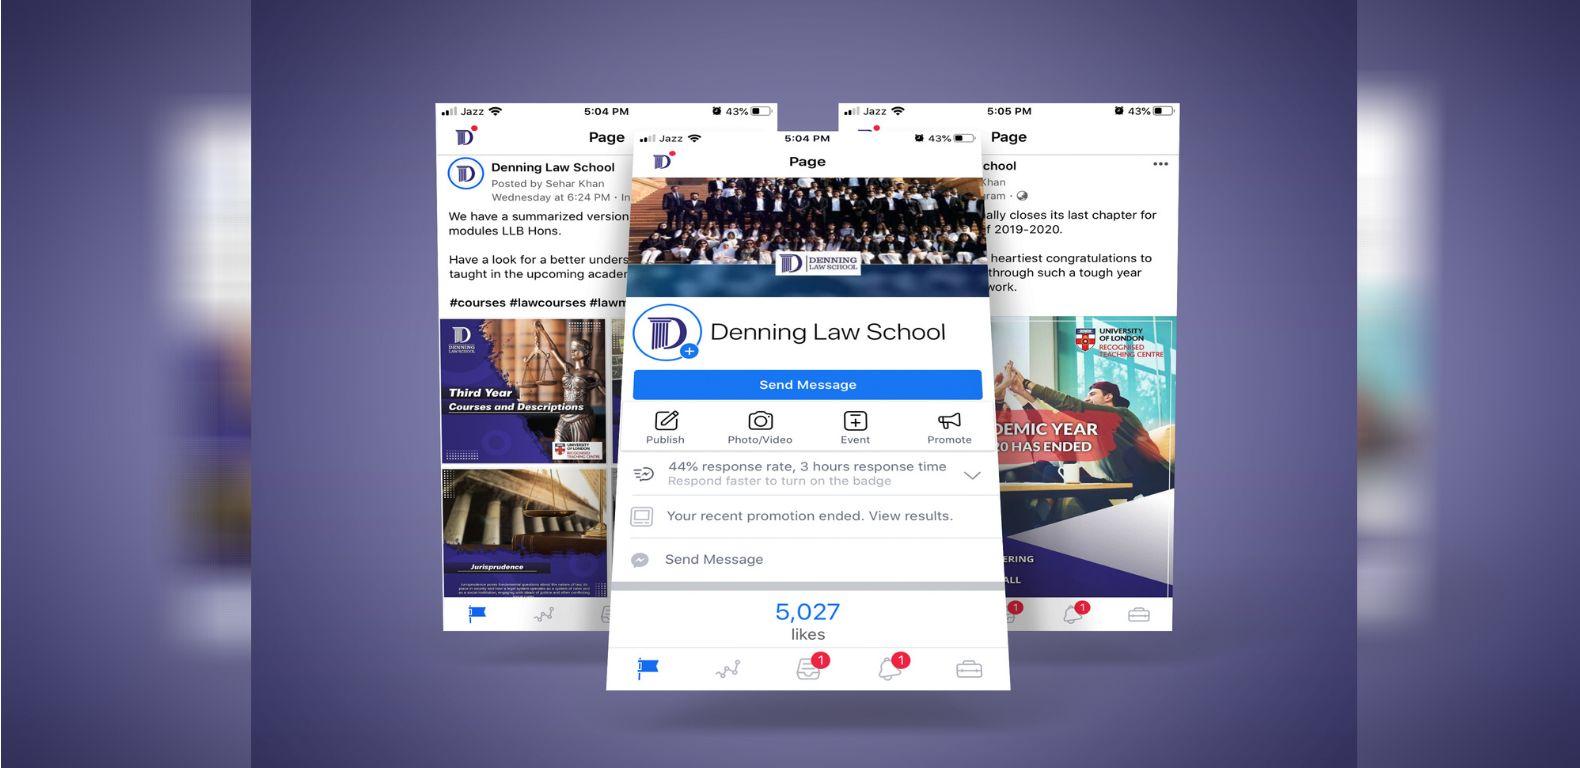 Social-media-marketing-Denning-law-School-Facebook